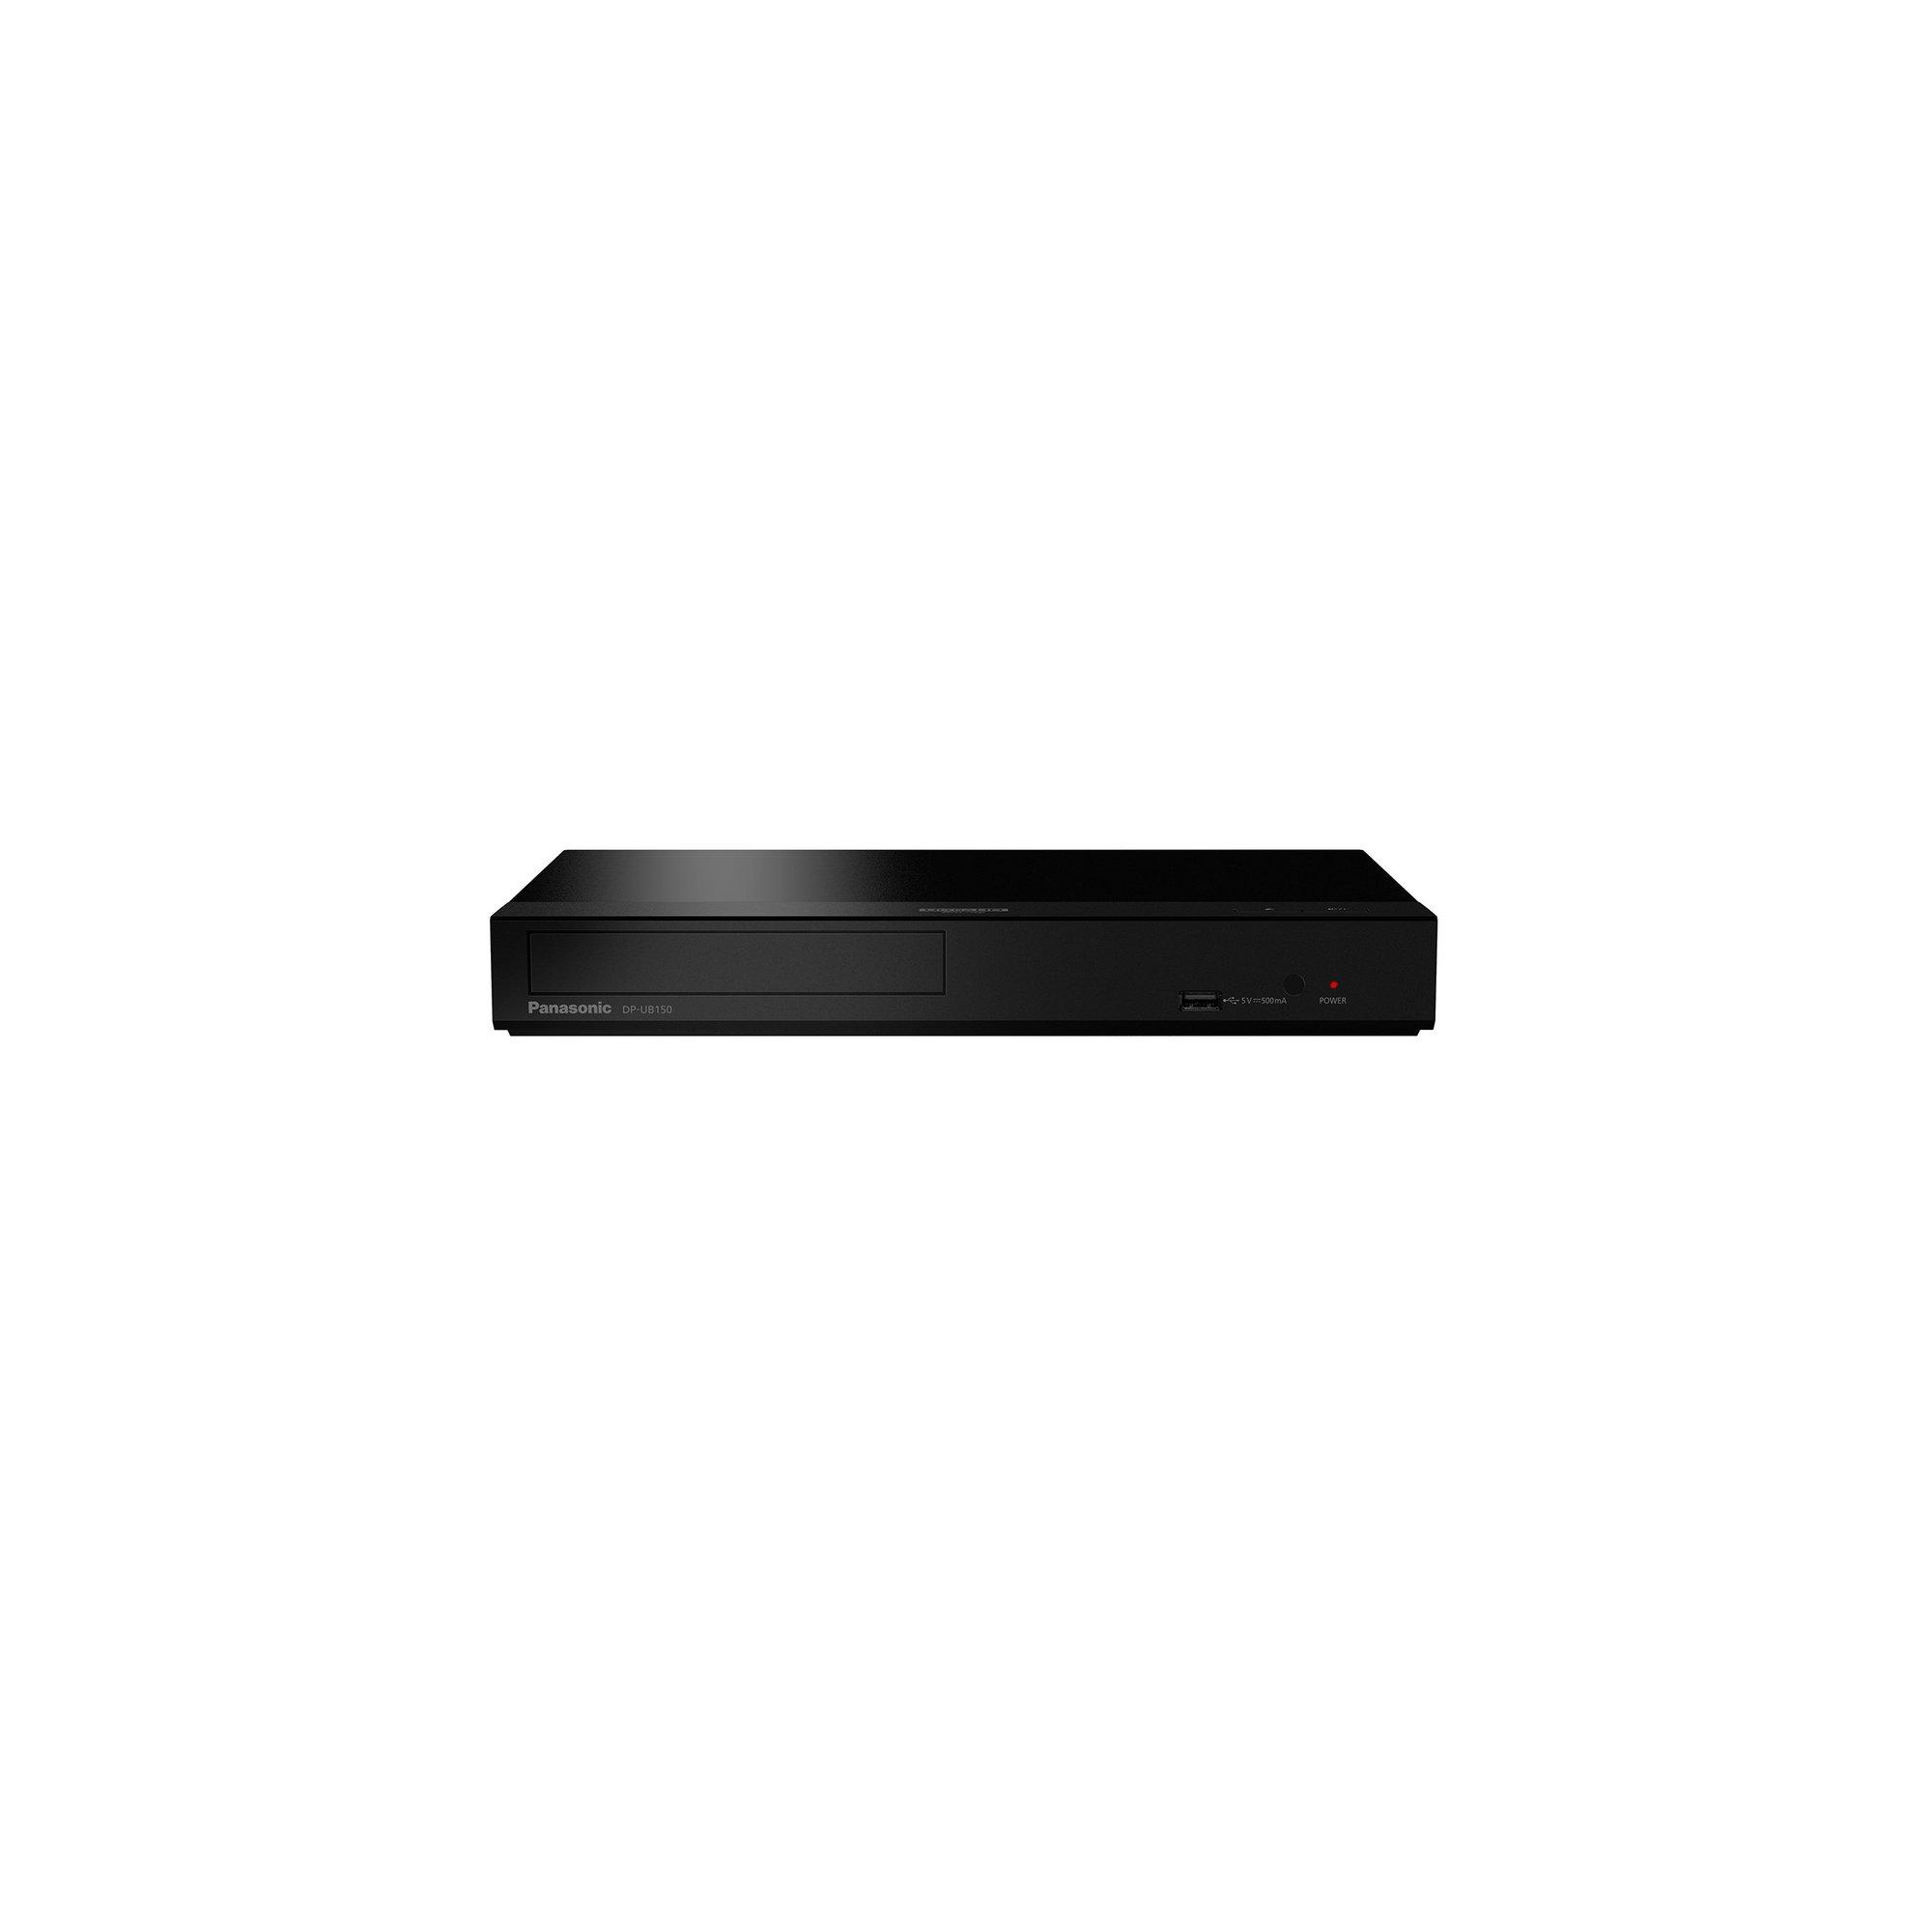 Image of Panasonic DPUB150EB 4K Ultra HD Blu Ray Player